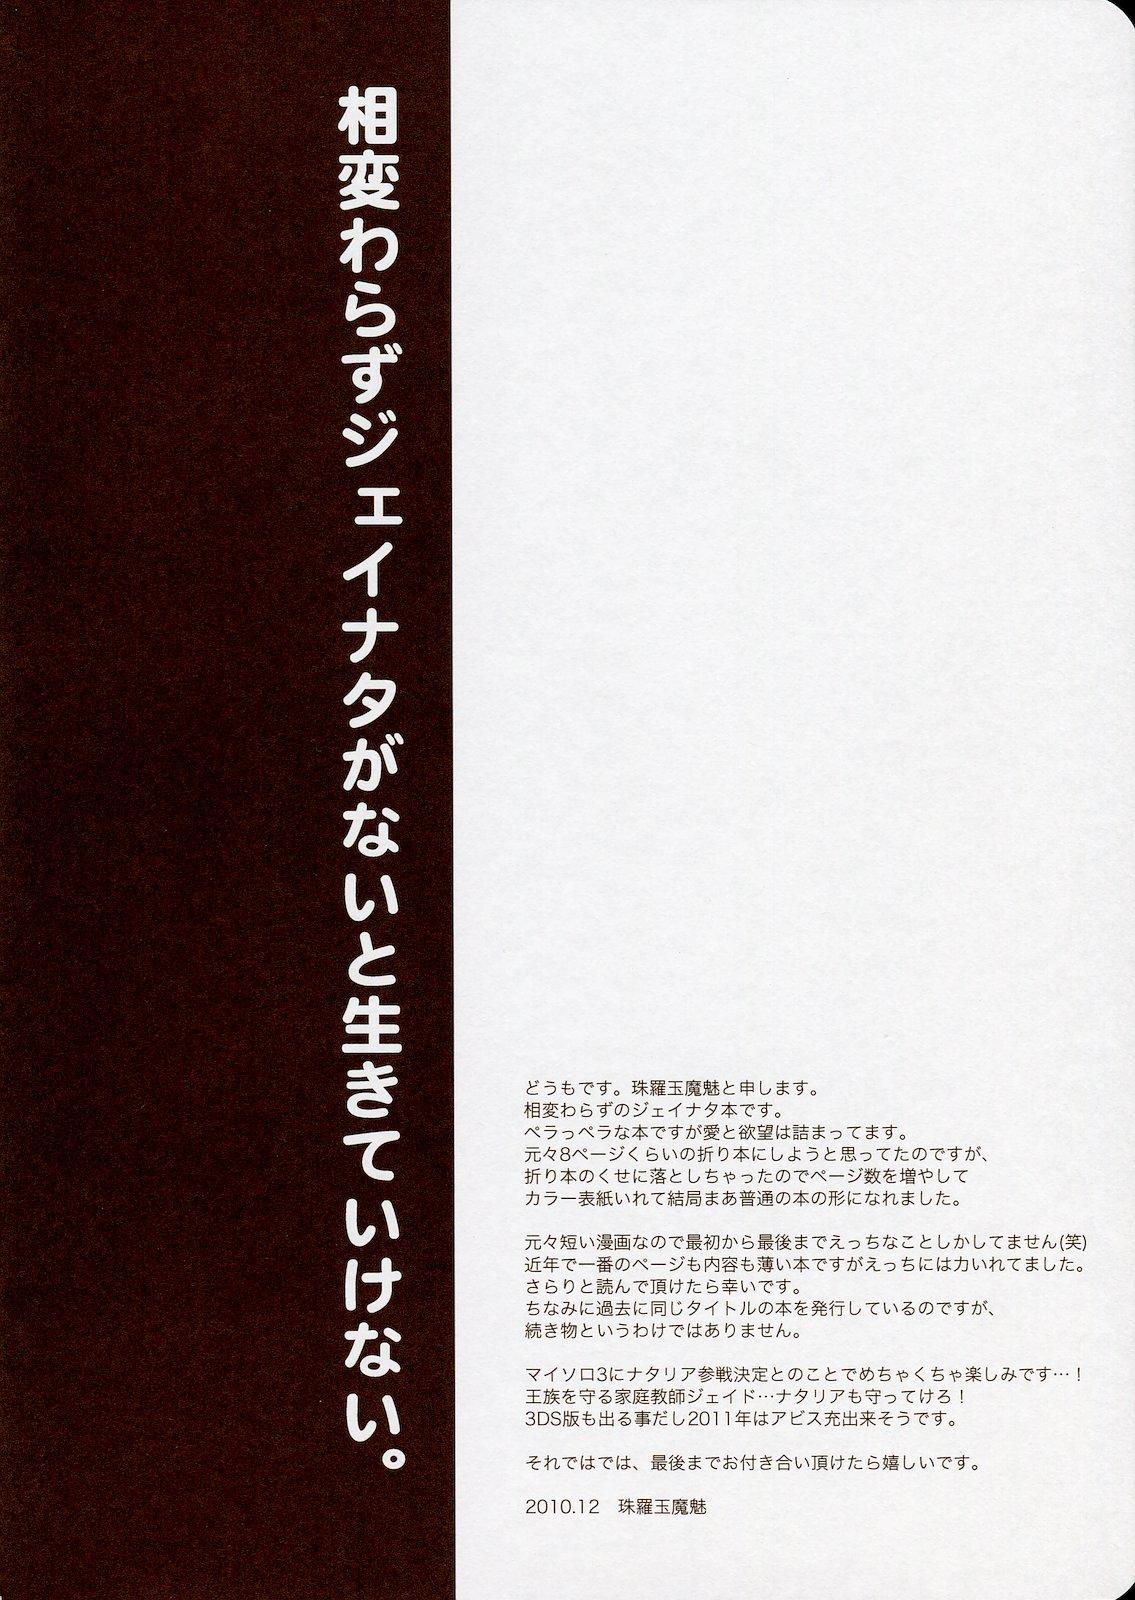 (C79) [Shinsen Gokuraku (Shuragyoku Mami)] NO-JN-NO-LIFE Datte Daisuki dakara! (Tales of the Abyss) 3